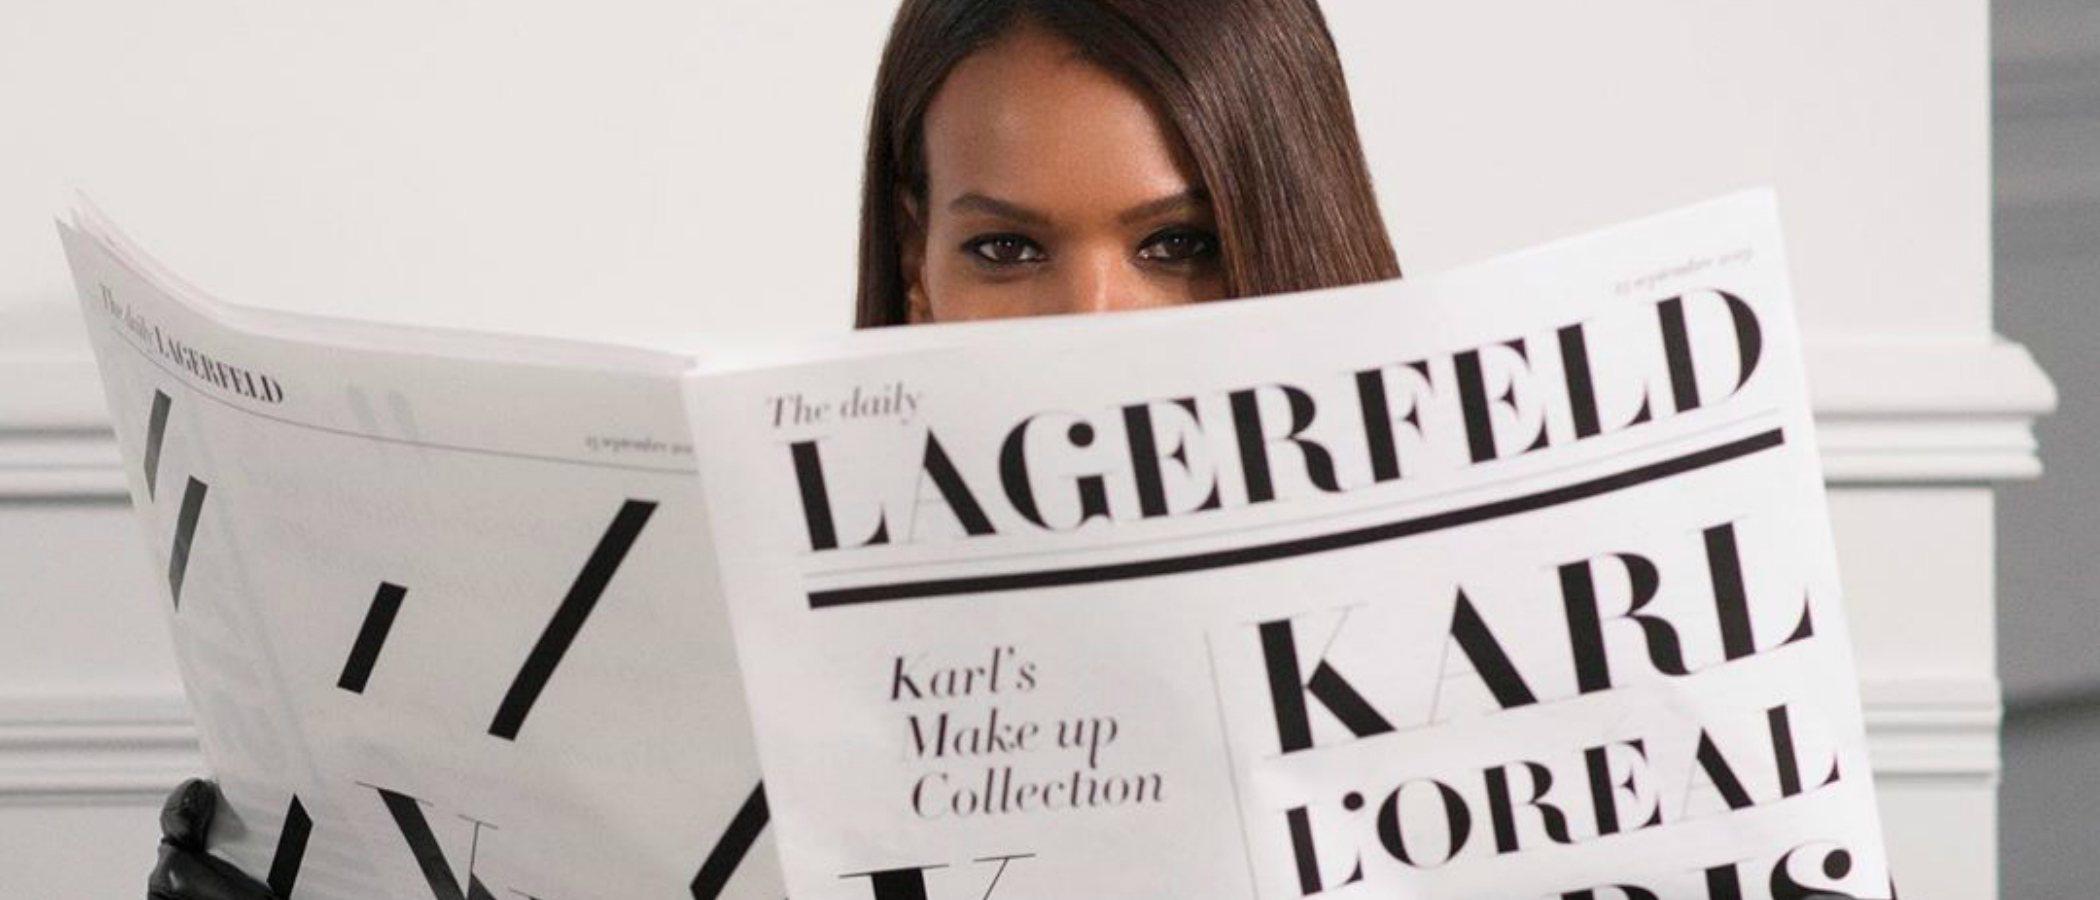 L'Oréal lanzará una colección de maquillaje junto a la casa Karl Lagerfeld